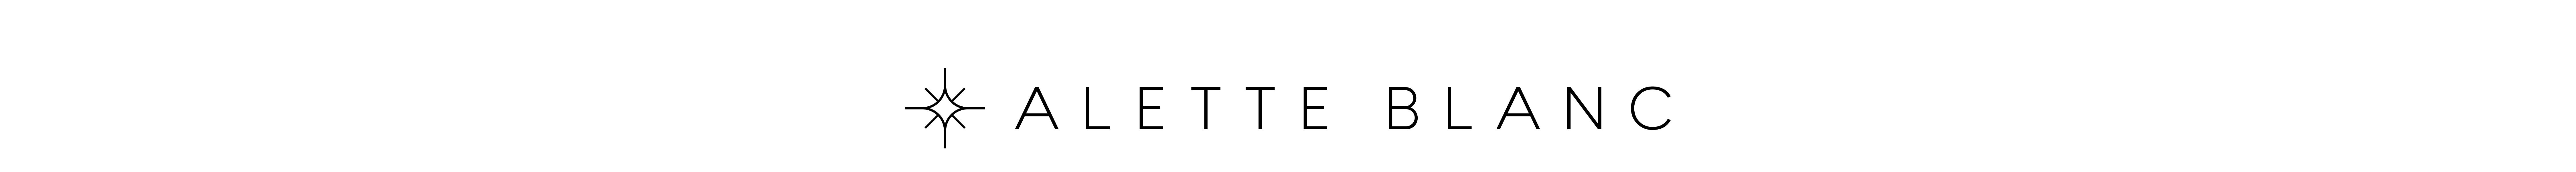 アレットブラン日本公式代理店【ALETTE BLANC】